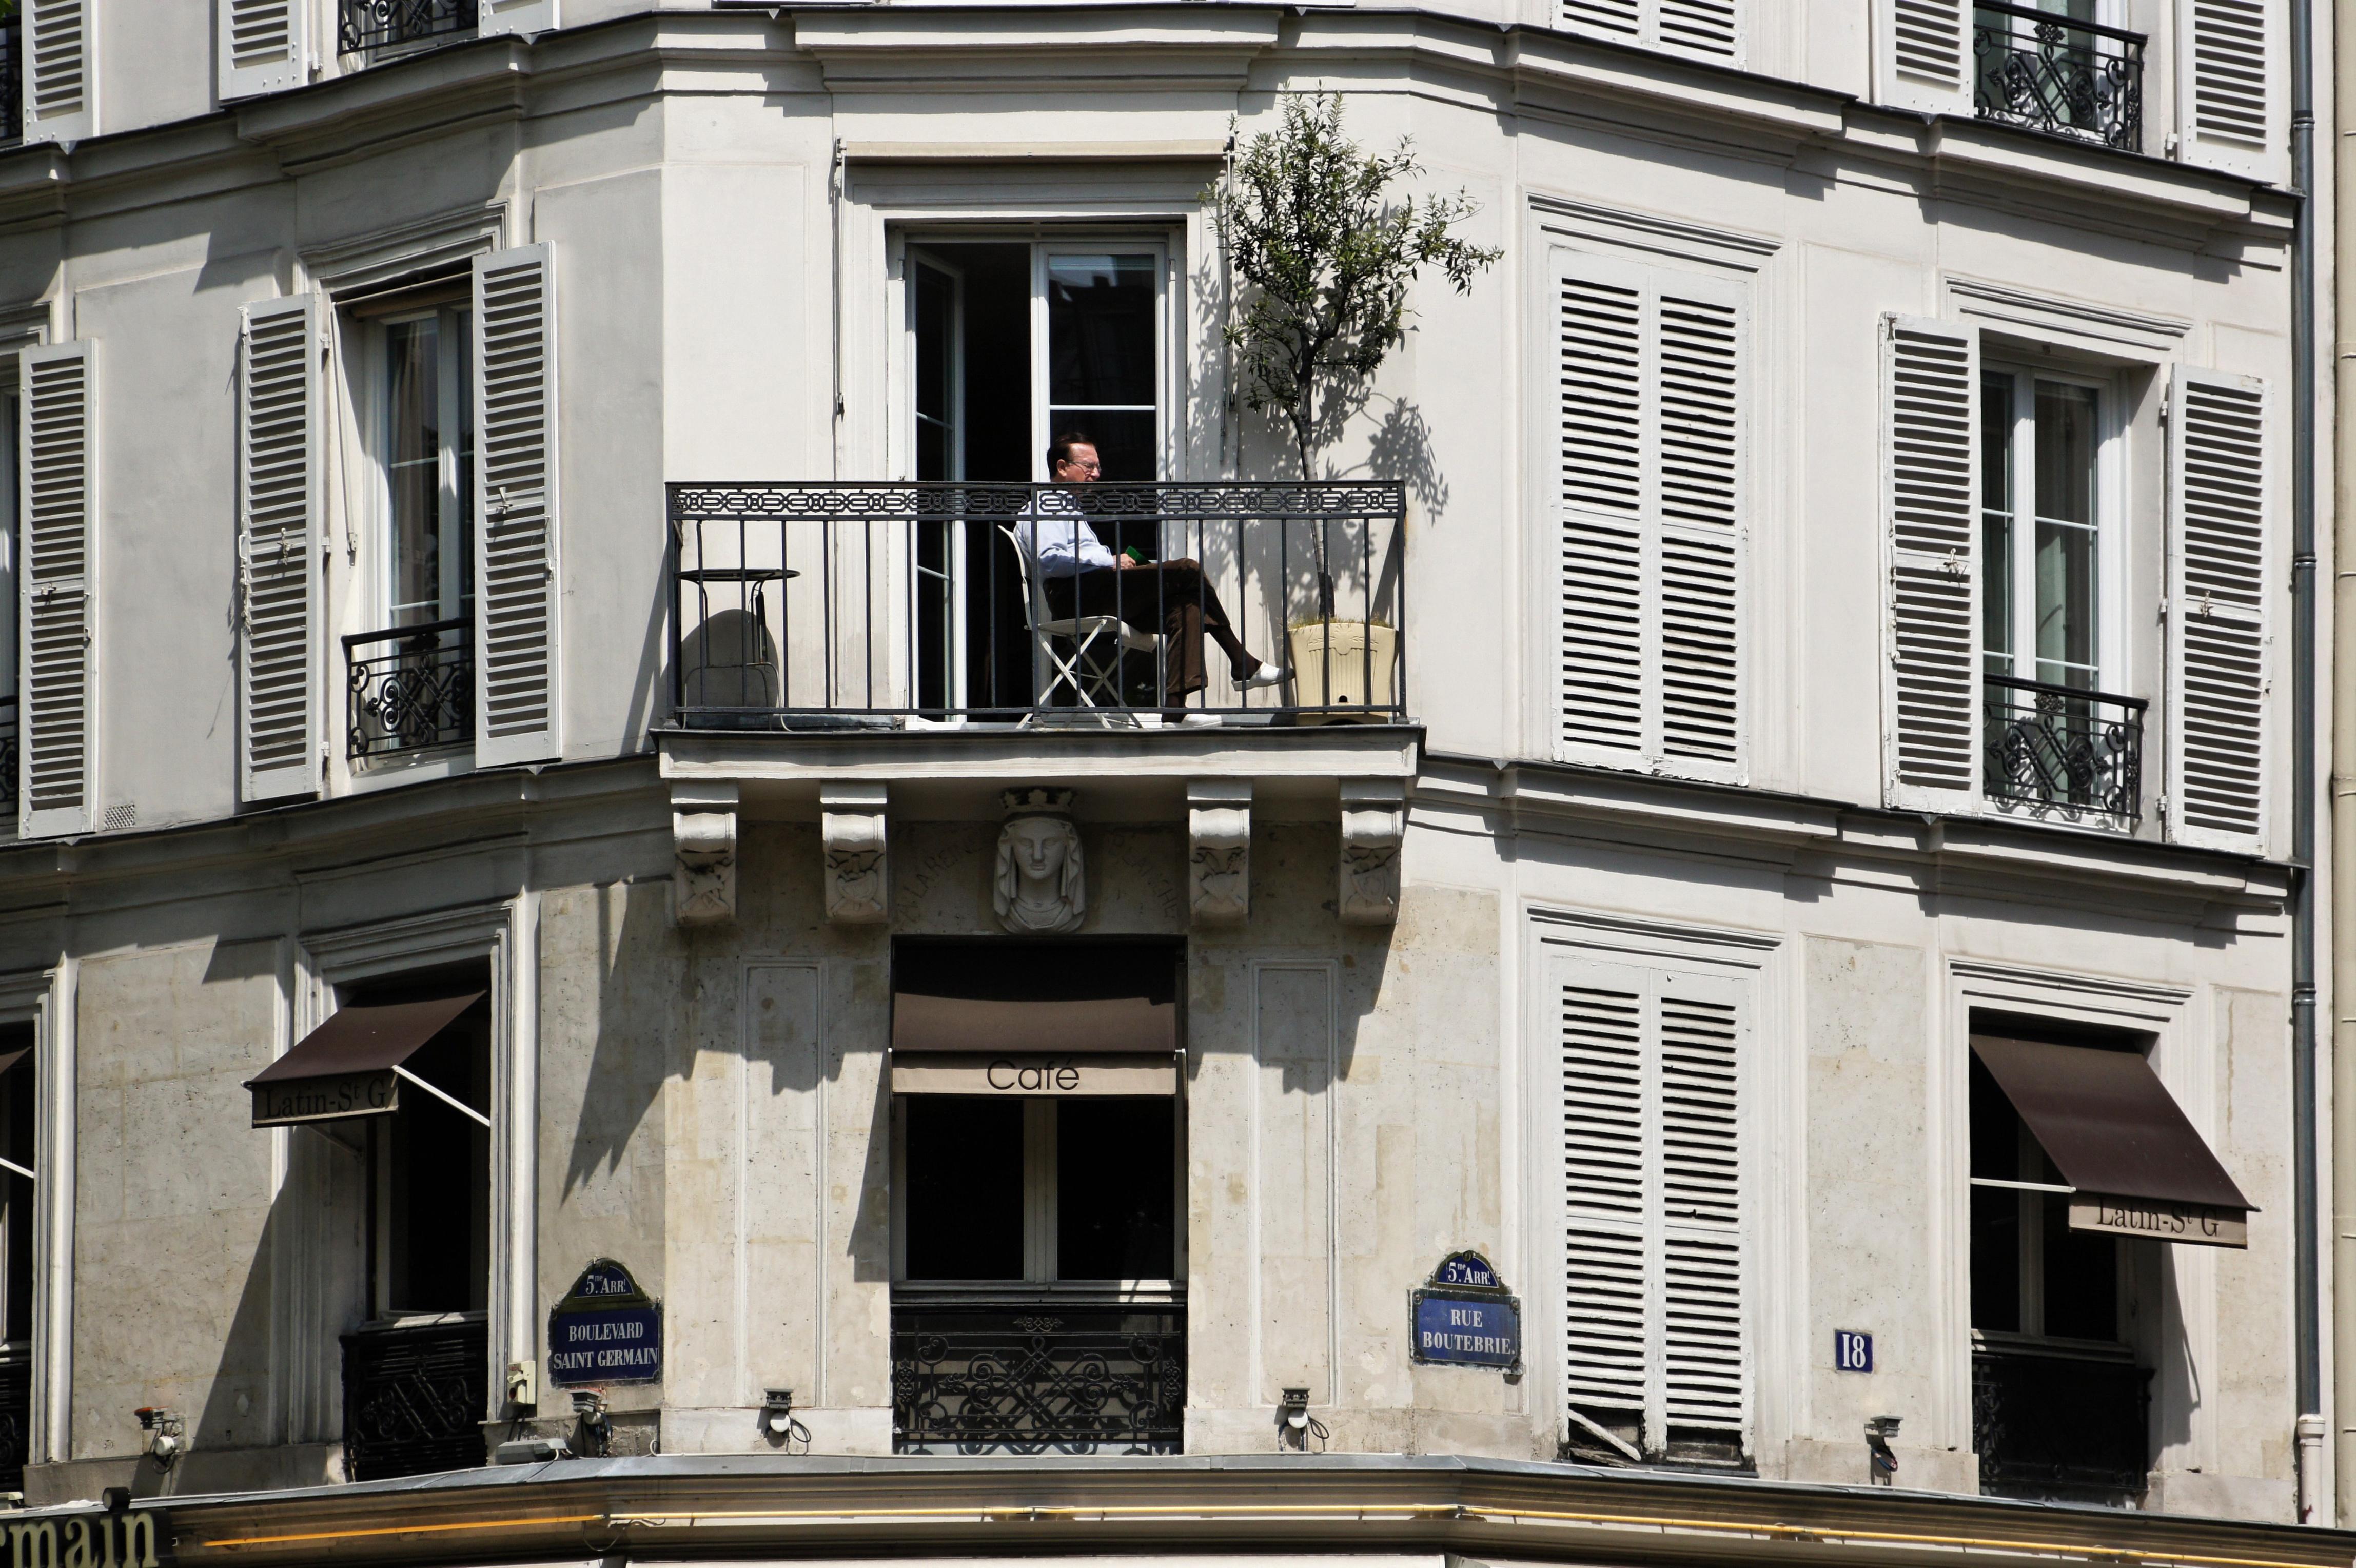 Le Caf Ef Bf Bd Saint M Ef Bf Bddard  Rue Censier  Paris France